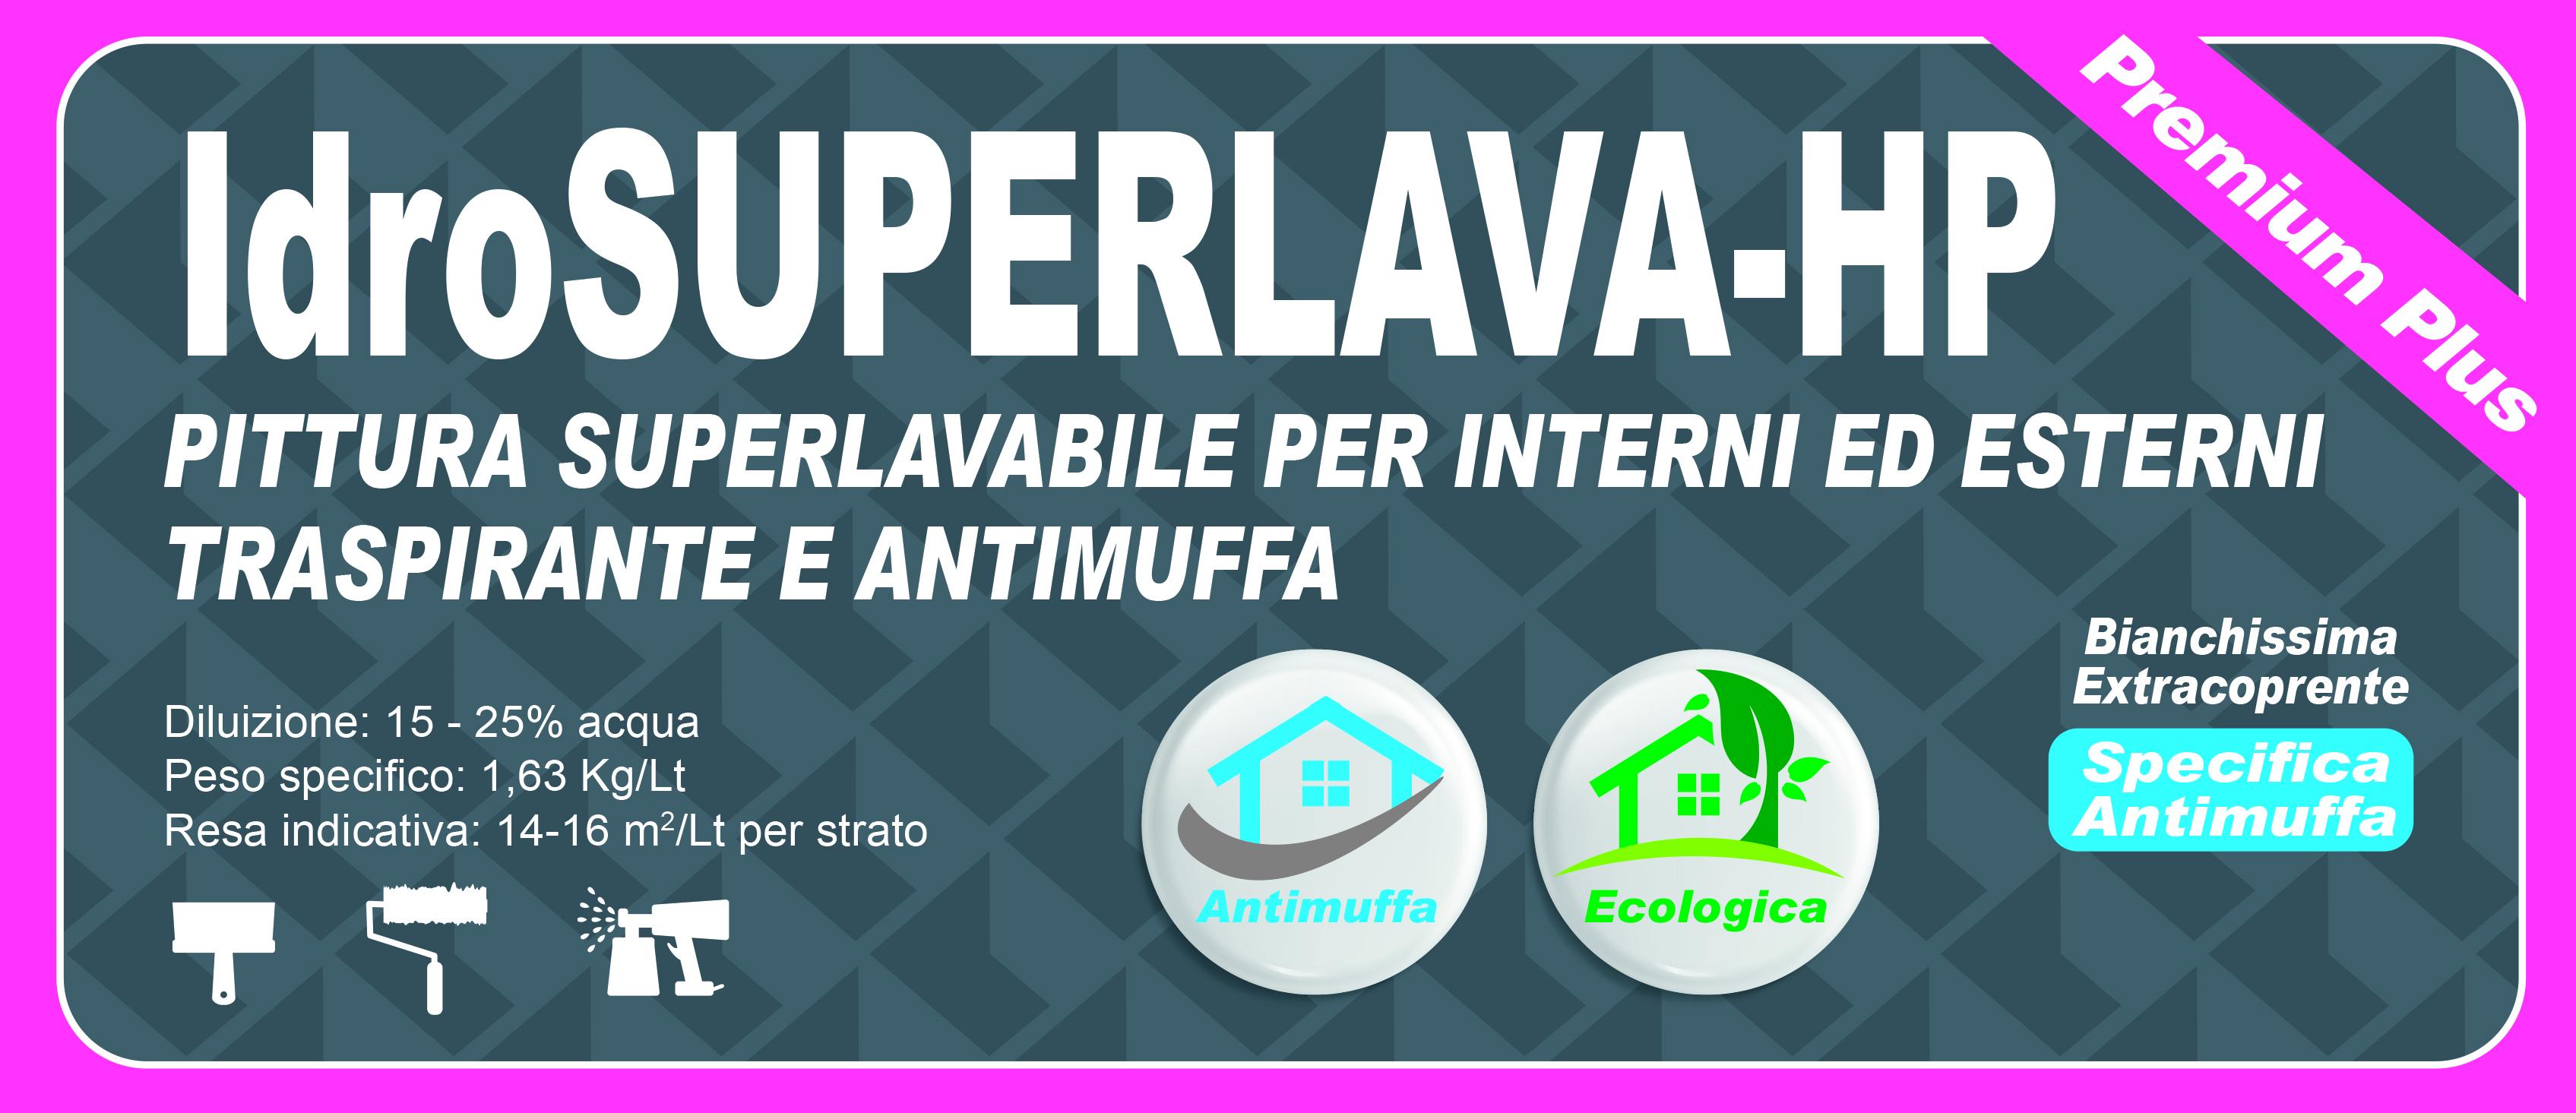 SUPERLAVABILE INT. EST. PREMIUM PLUS - IdroSUPERLAVA-HP 14 LT